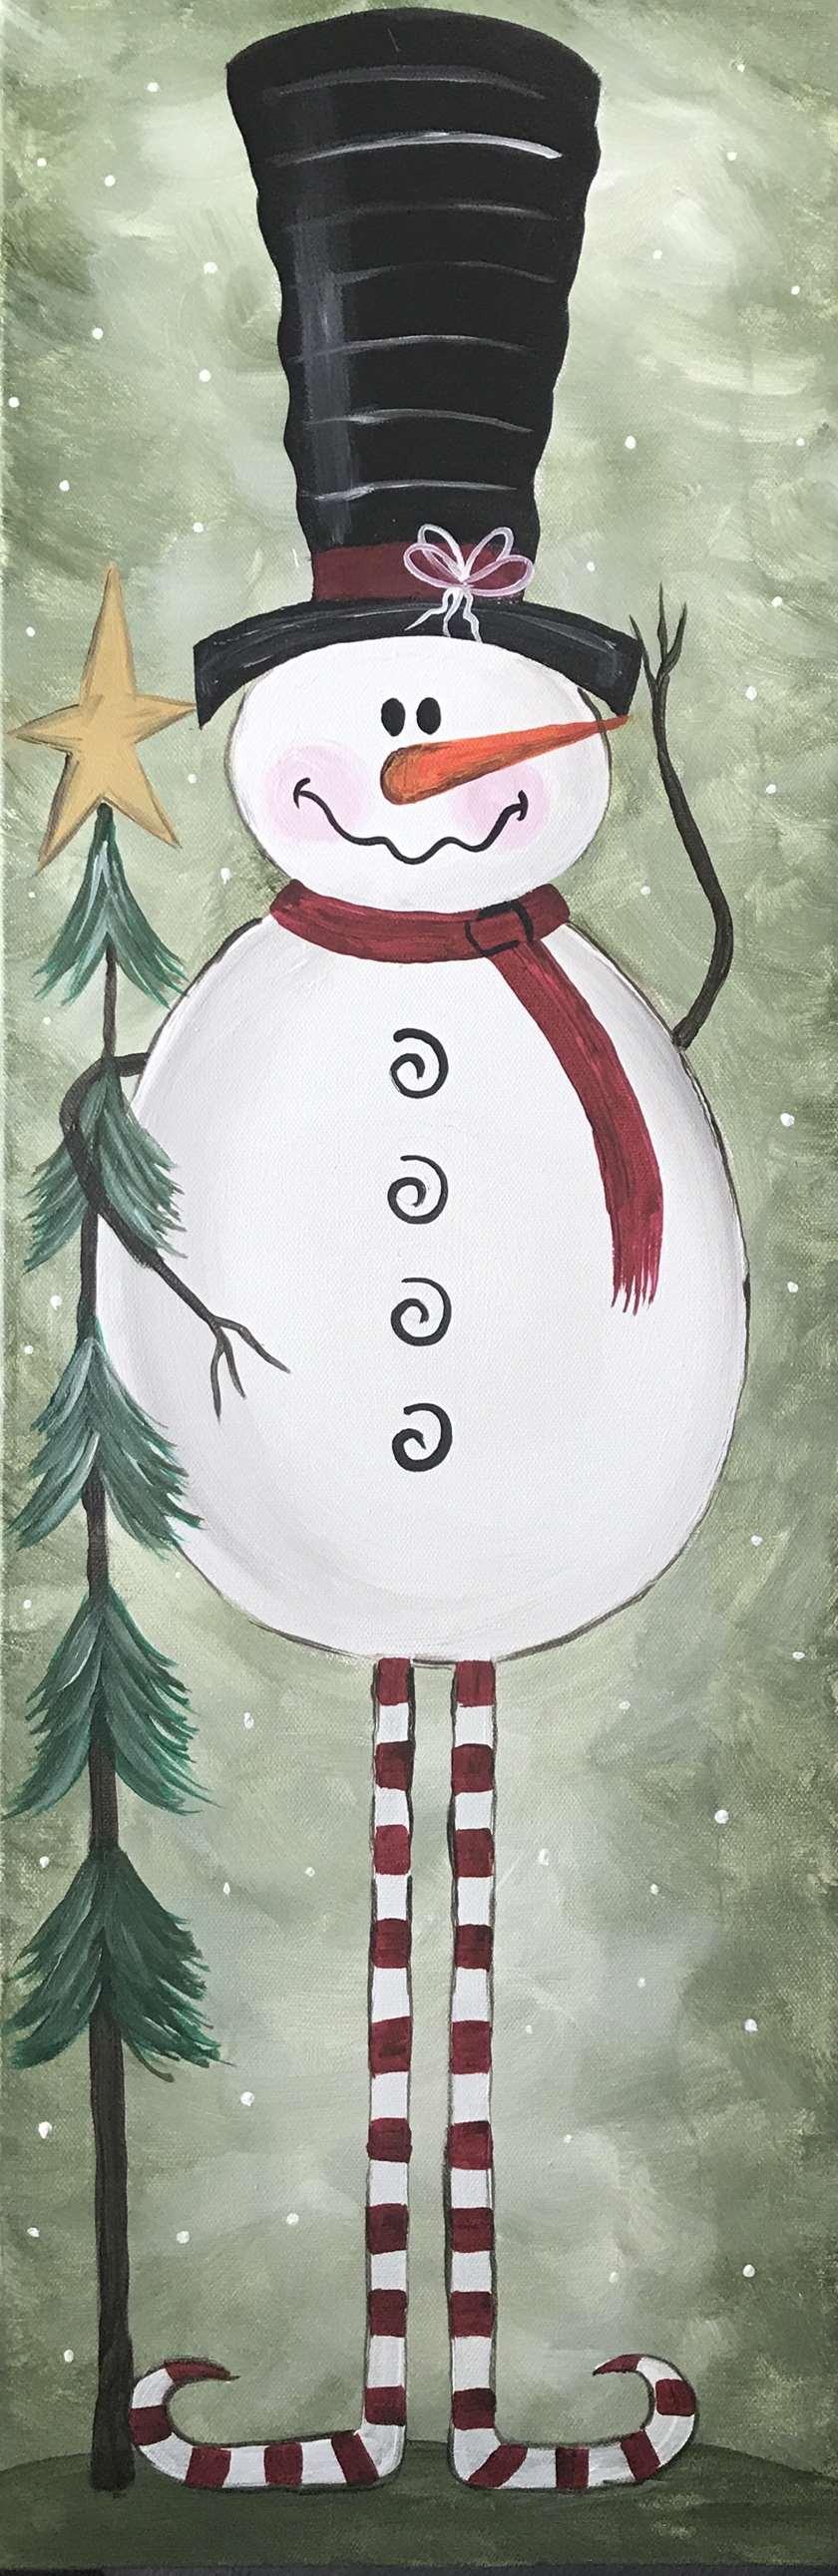 Vintage Snowman - 10x30 canvas